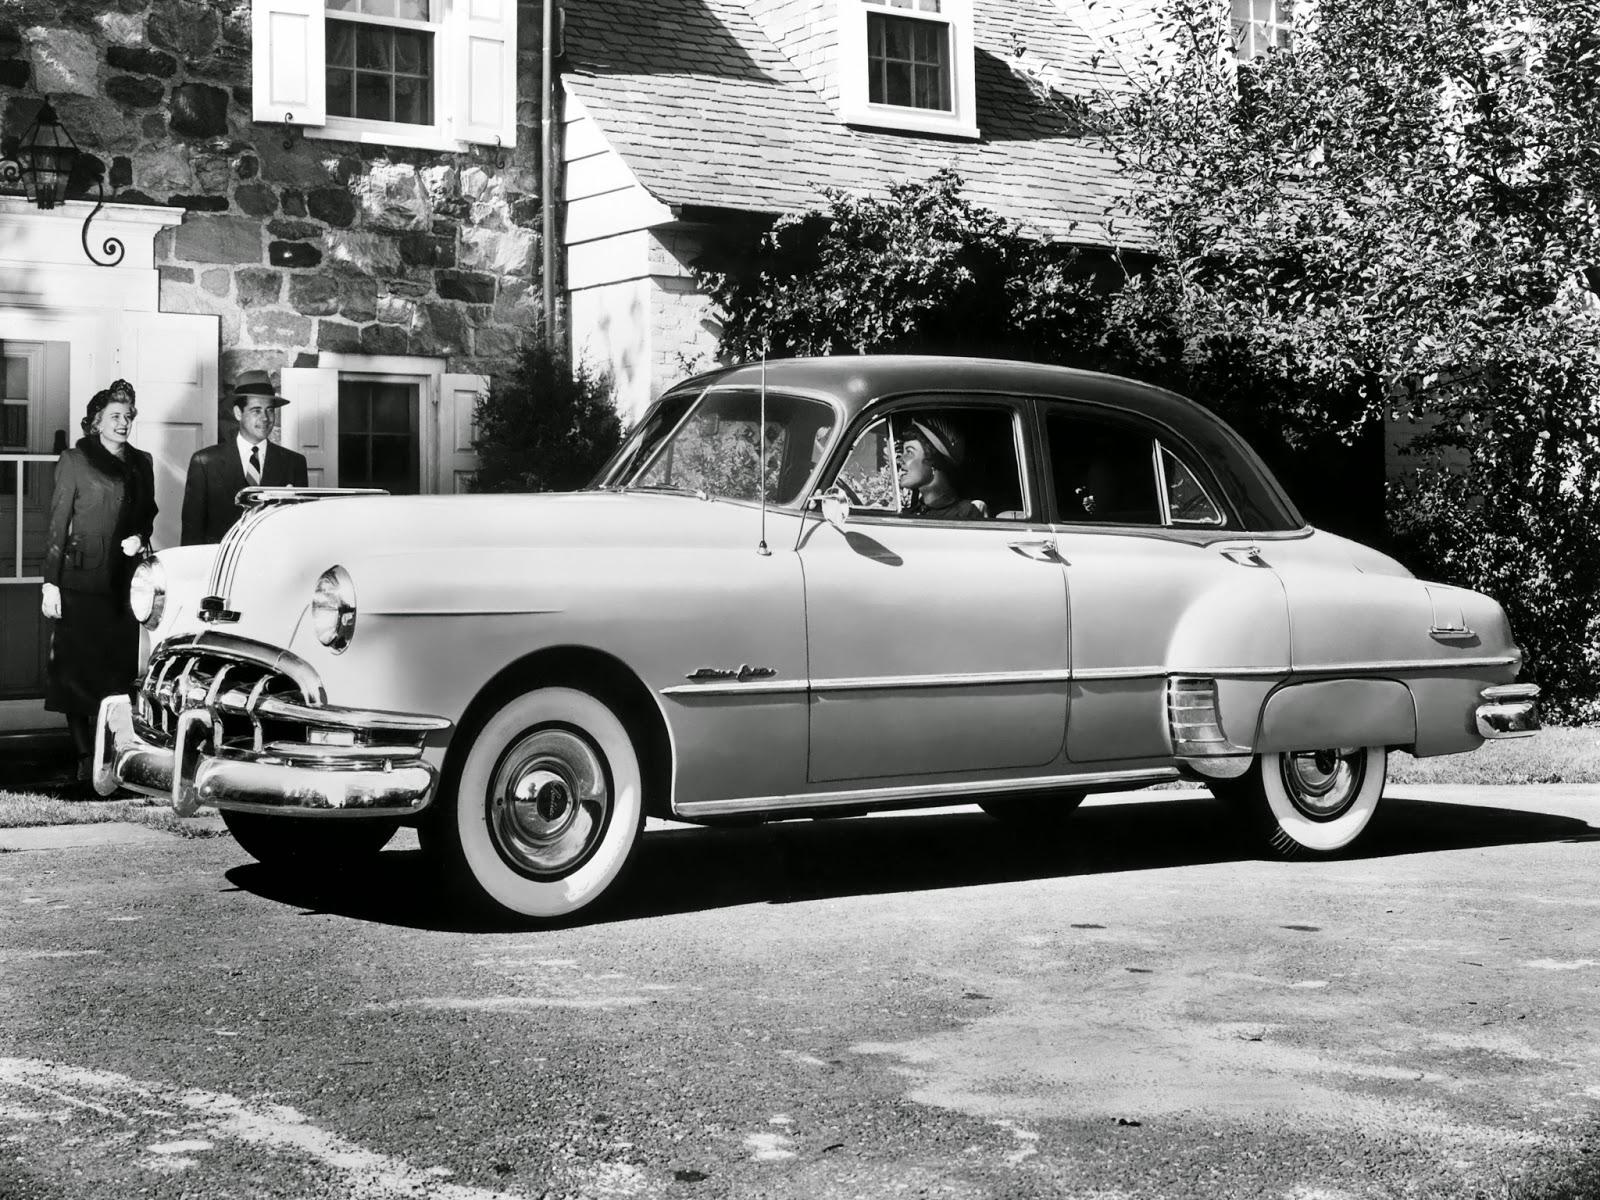 Autos Classiques Pontiac Chieftain 1953 Sedan Ct Moteur Offre Le Choix Entre 6 Cylindres 39 Litres De 90 93 Ch Ou 8 41 Dveloppant 103 106